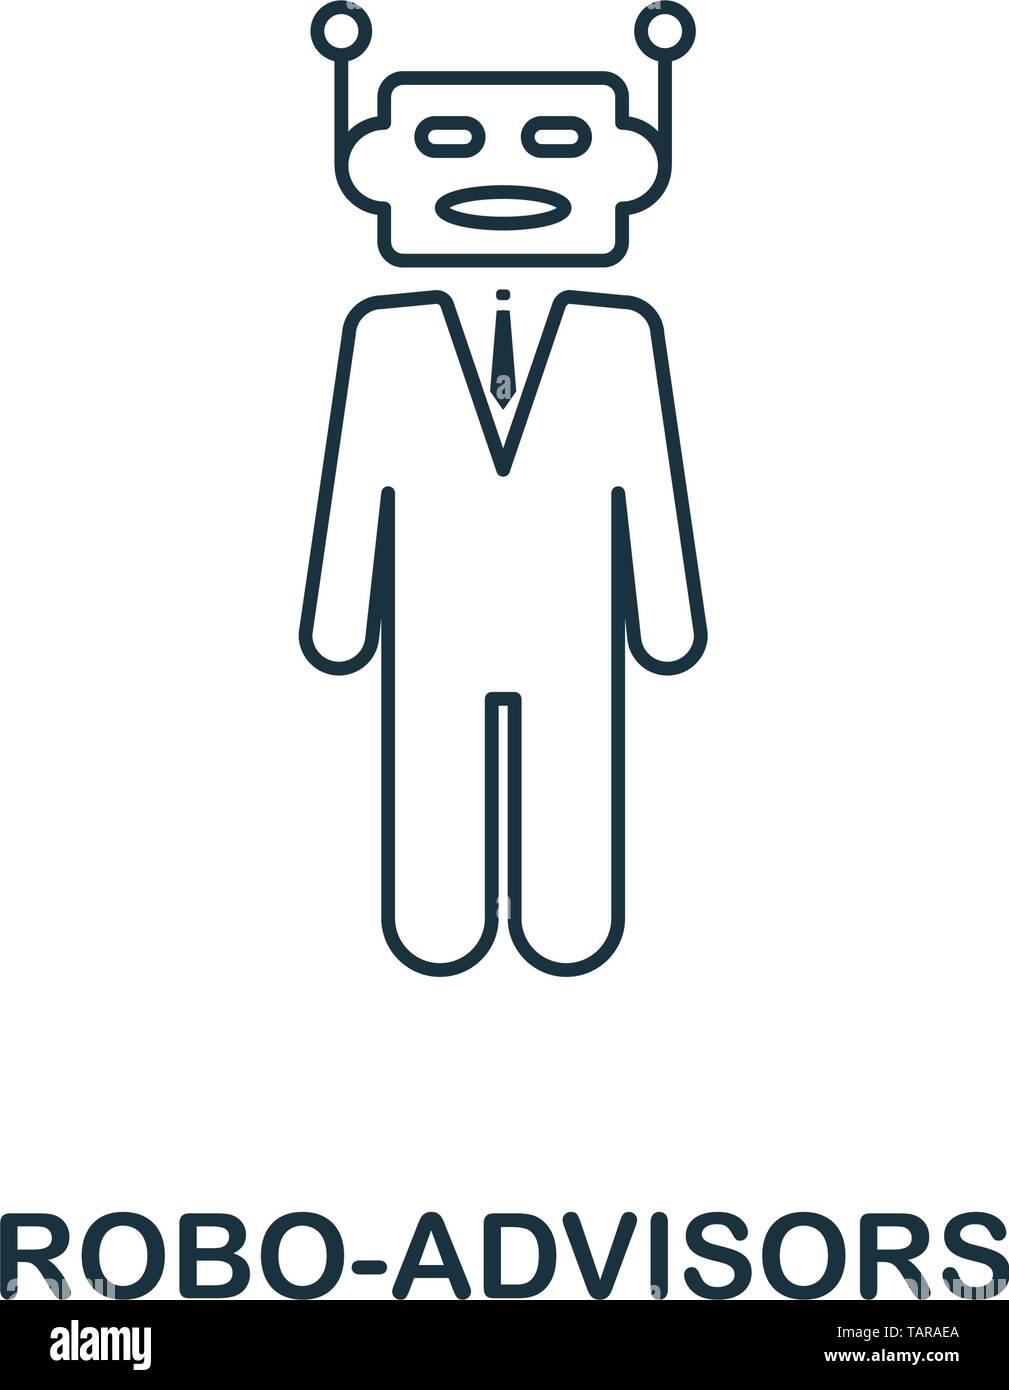 Icono Robo-Advisors estilo de esquema. Diseño de línea delgada de fintech colección de iconos. Pixel Perfect robo-icono de asesores para el diseño web, aplicaciones, software Ilustración del Vector